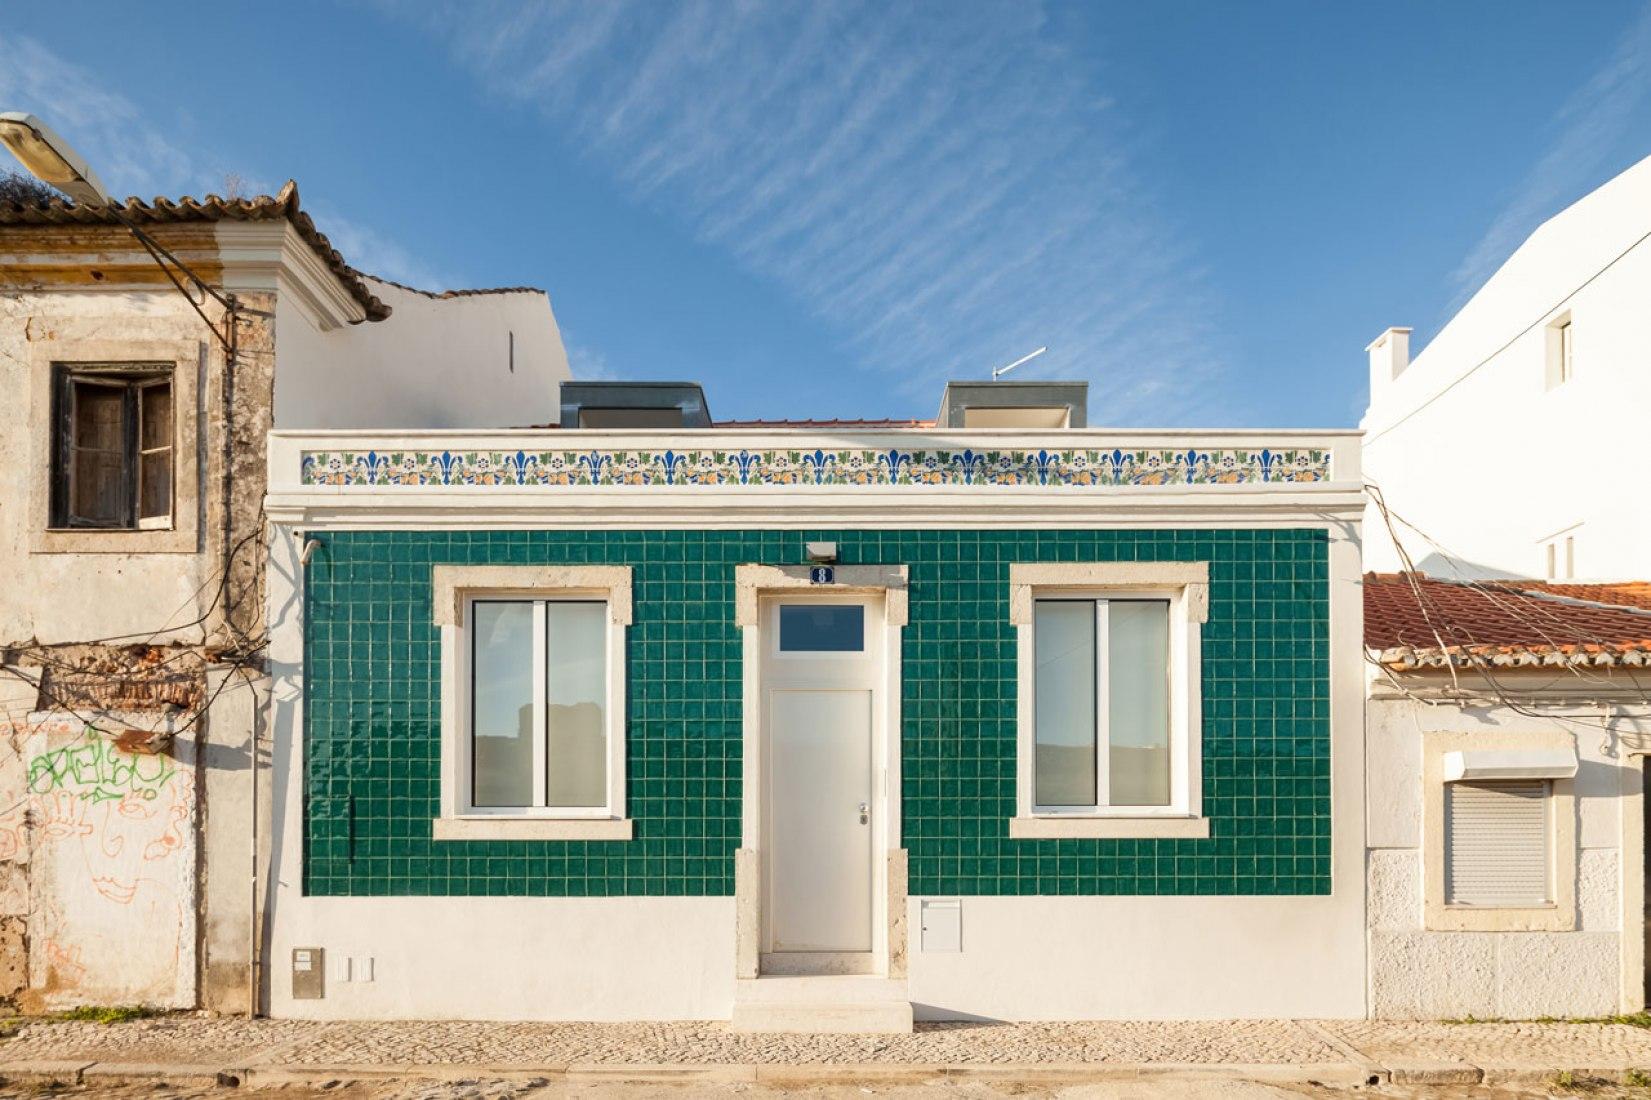 Vista exterior. Casa Terras 8 por Colectivo CAIS. Fotografía © Francisco Nogueira.